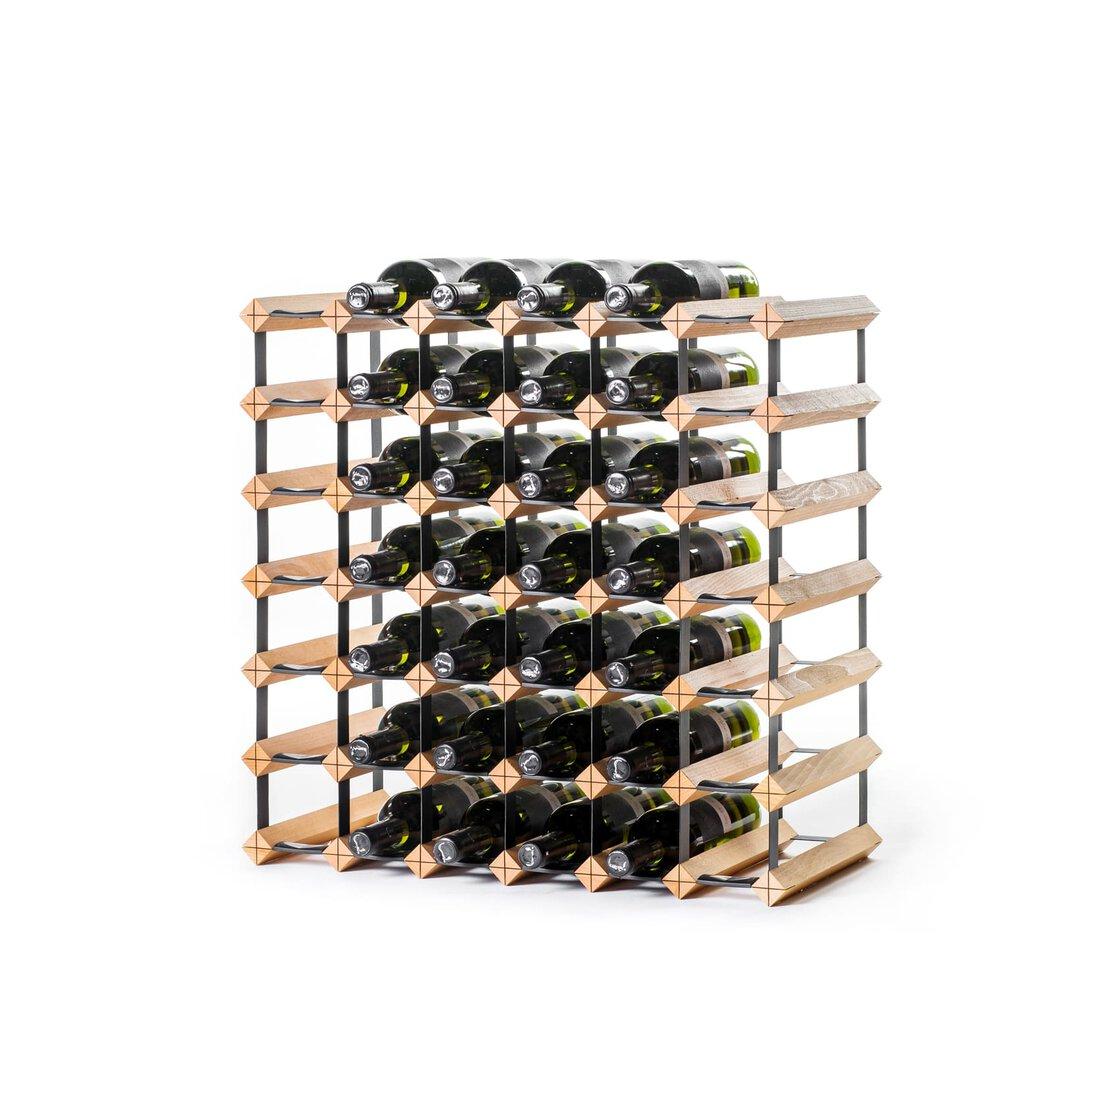 Weinregal Holz RAXI KLASSISCHE WEINREGALE - W 15 Flaschen Buche - Farbe:  Kirschbaum 15 x 15 cm